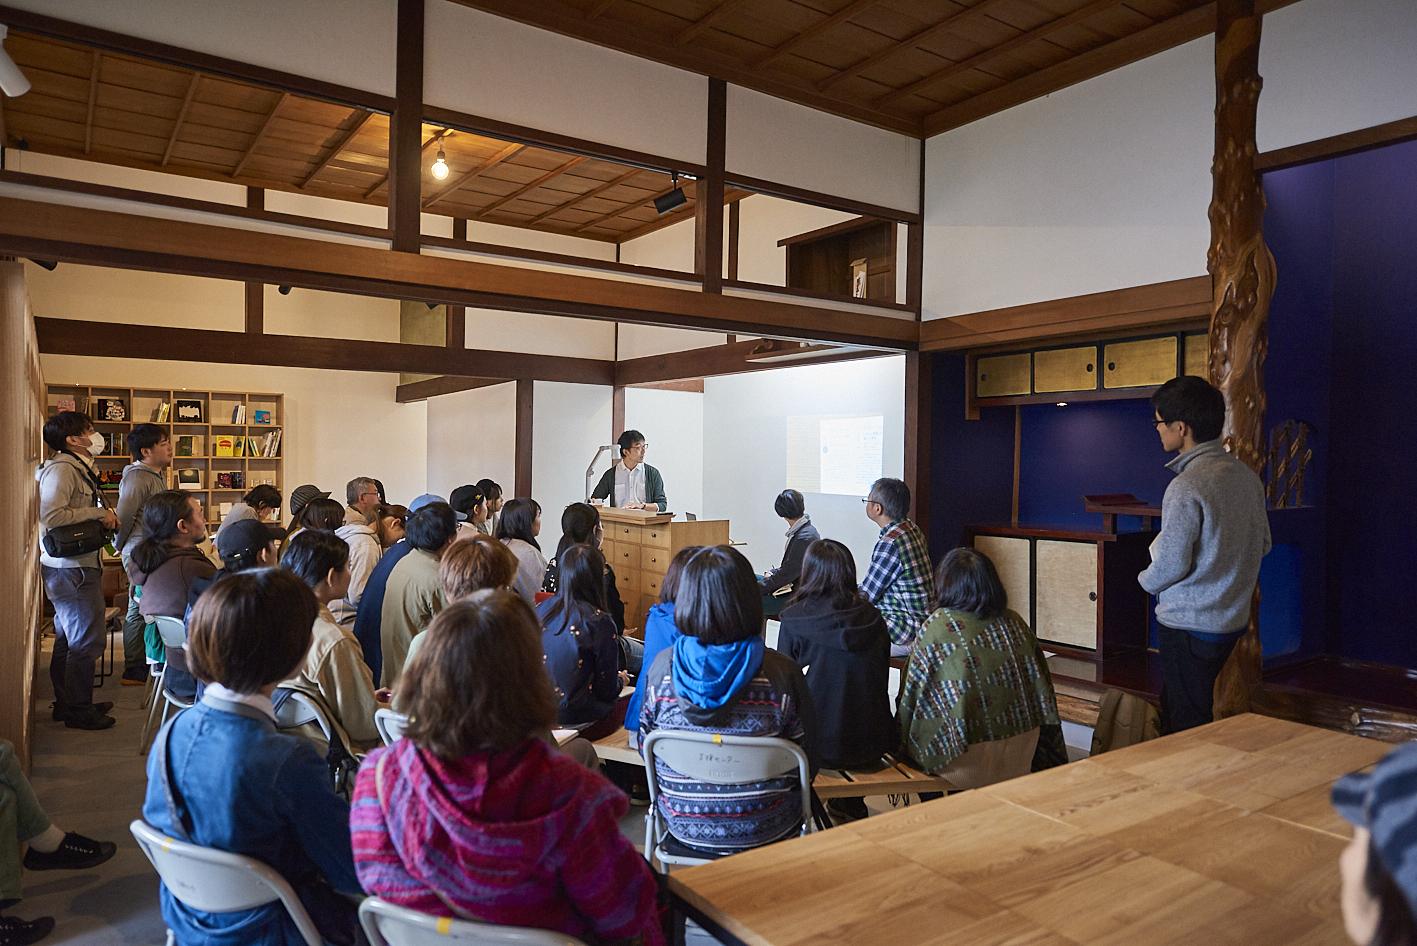 アート作品の展示はもちろん、イベント、レクチャーなどを開催し、多くのひとにとって開かれた場として運営されている